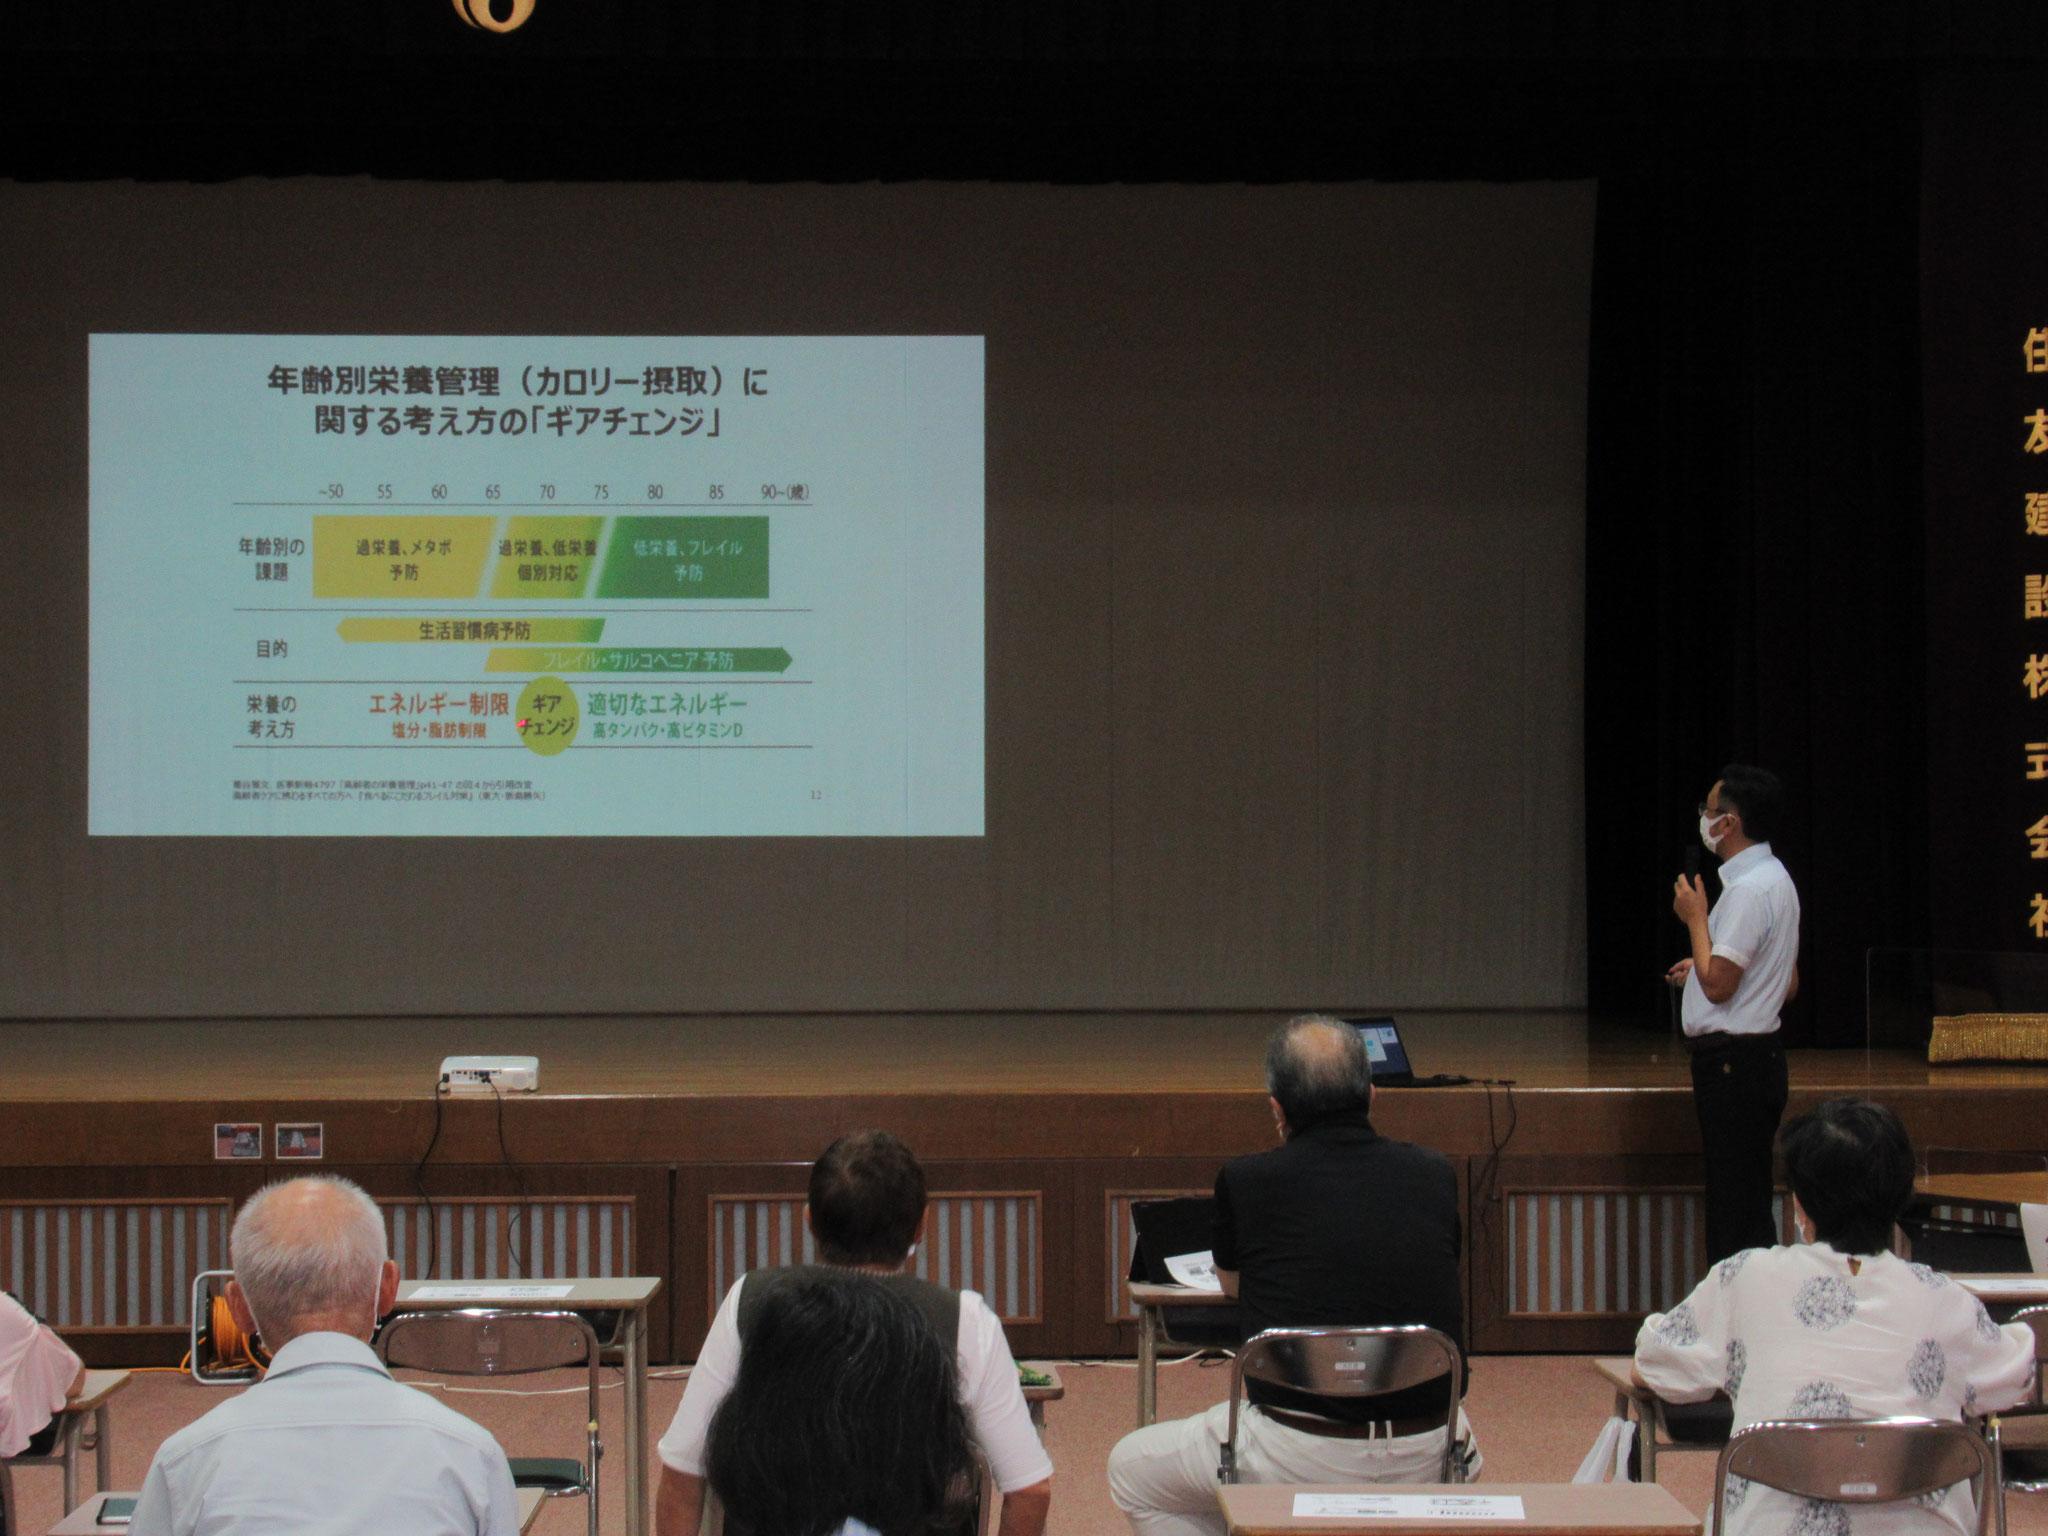 9月30日(木) 高齢者の機能と特性について 西九州大学 小松 洋平氏